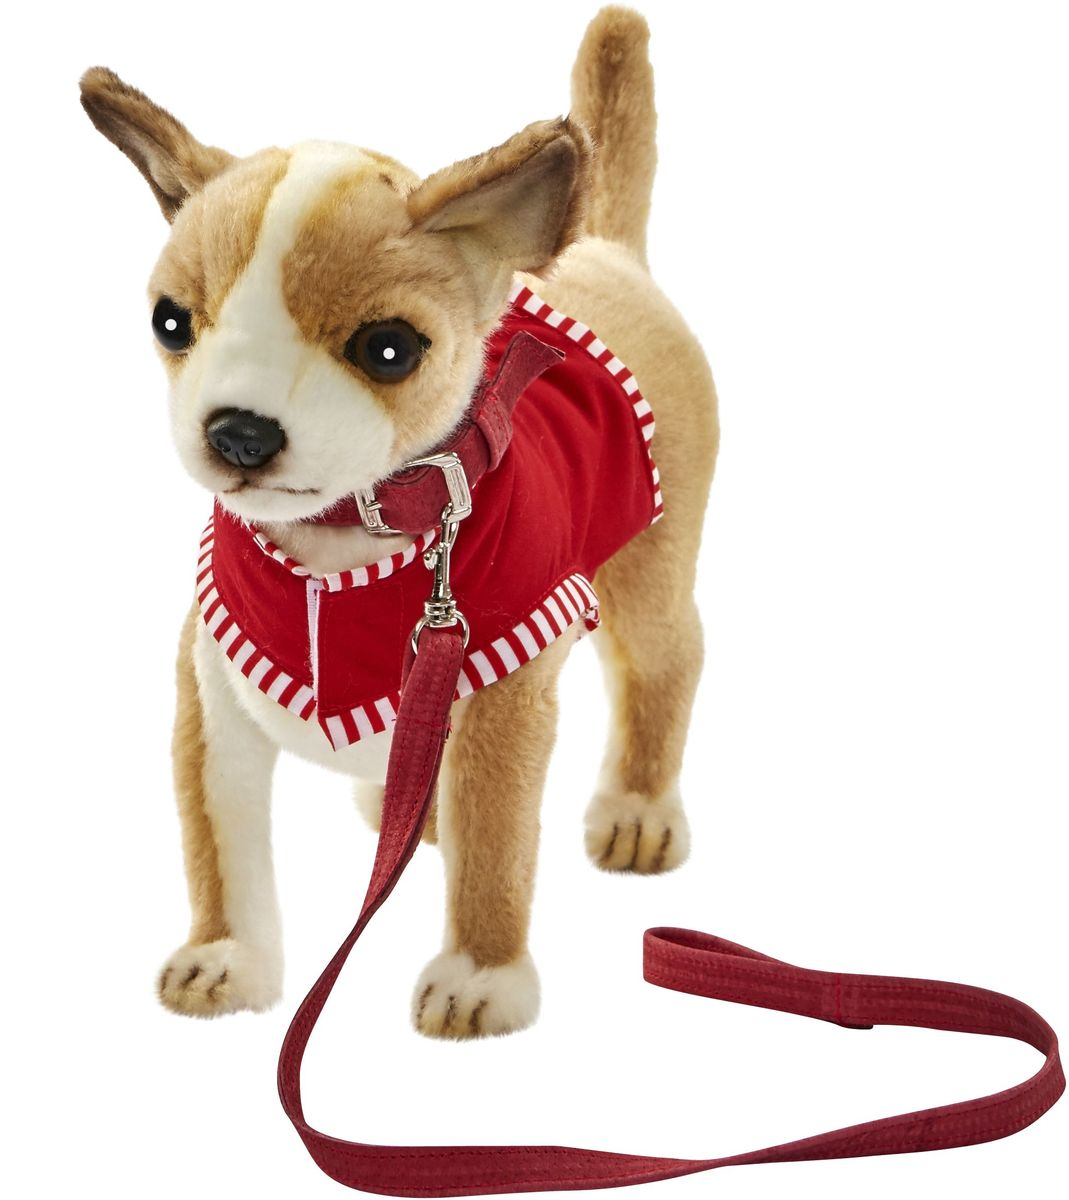 Hansa Мягкая игрушка Чихуахуа цвет красный 27 см мягкие игрушки hansa чихуахуа 27 см